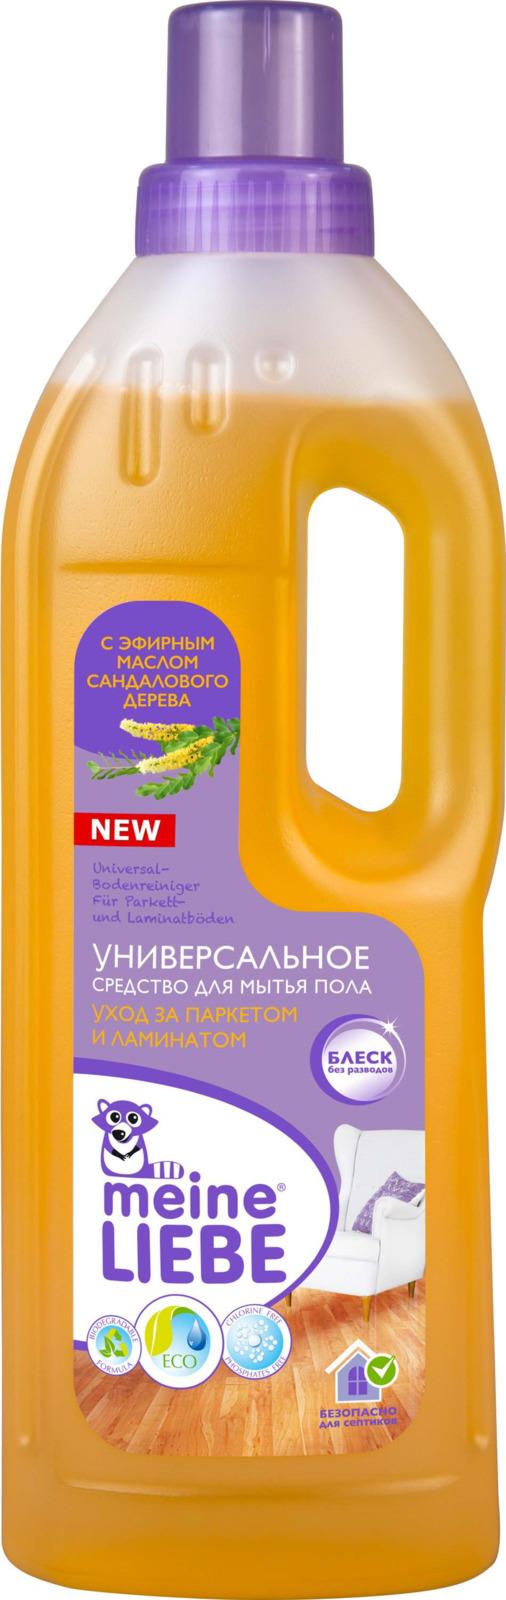 Средство для мытья пола Meine Liebe Уход за паркетом и ламинатом, универсальное, 750 мл meine liebe универсальное средство для мытья пола антибактериальный эффект 750 мл